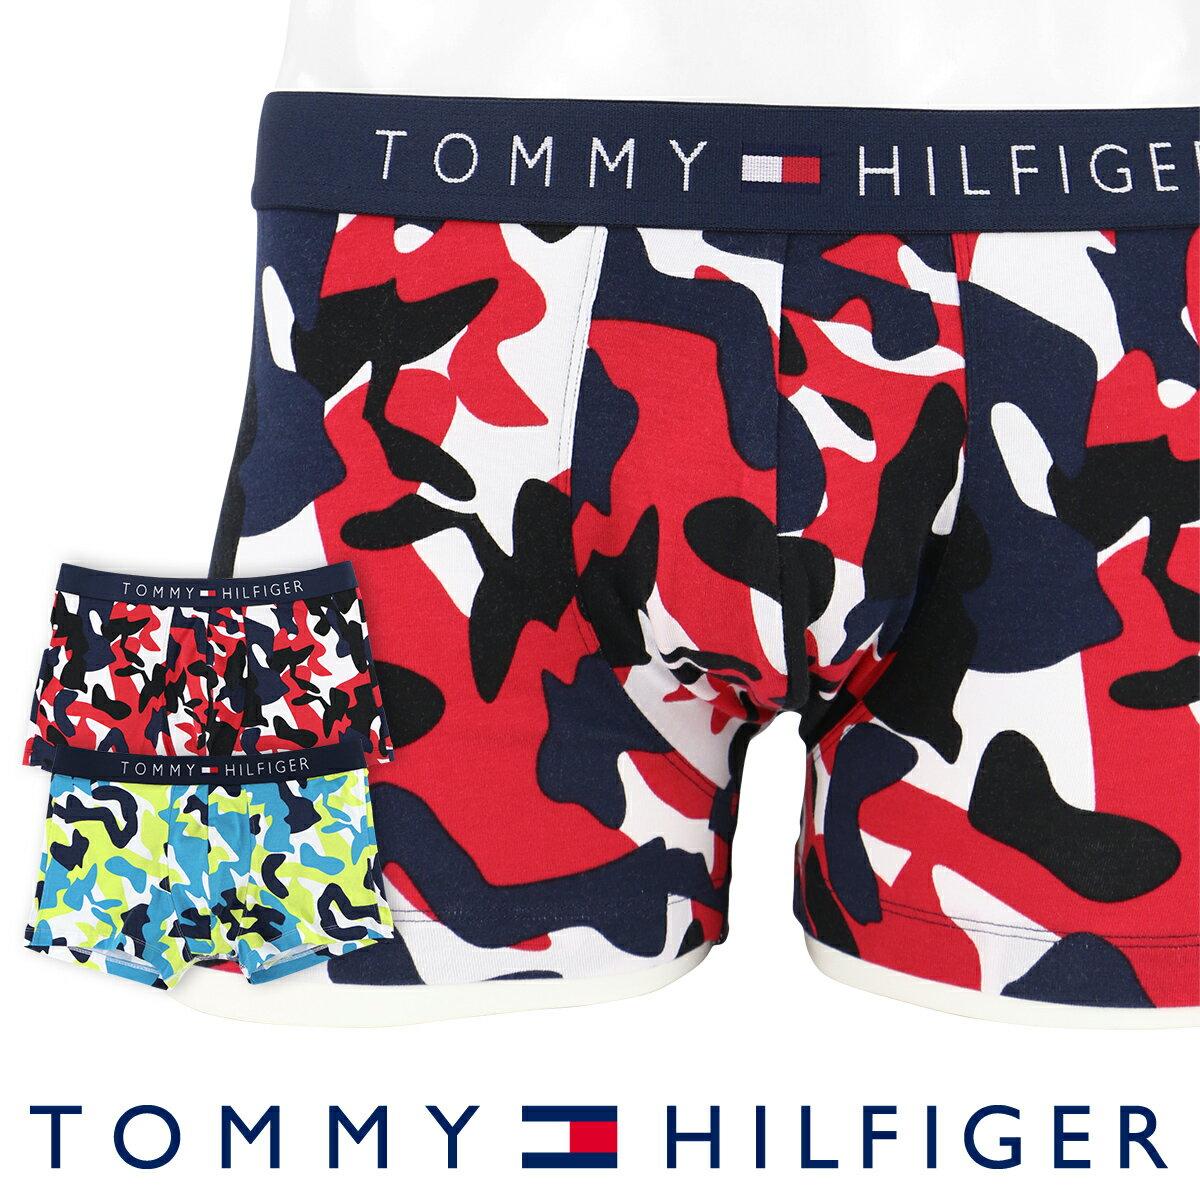 【郵送160円】TOMMY HILFIGER|トミーヒルフィガーアンダーウェア ボクサーパンツTRUNK CAMOカモフラージュプリント コットン ボクサーパンツ5337-0171男性 下着 メンズ プレゼント ギフト 誕生日